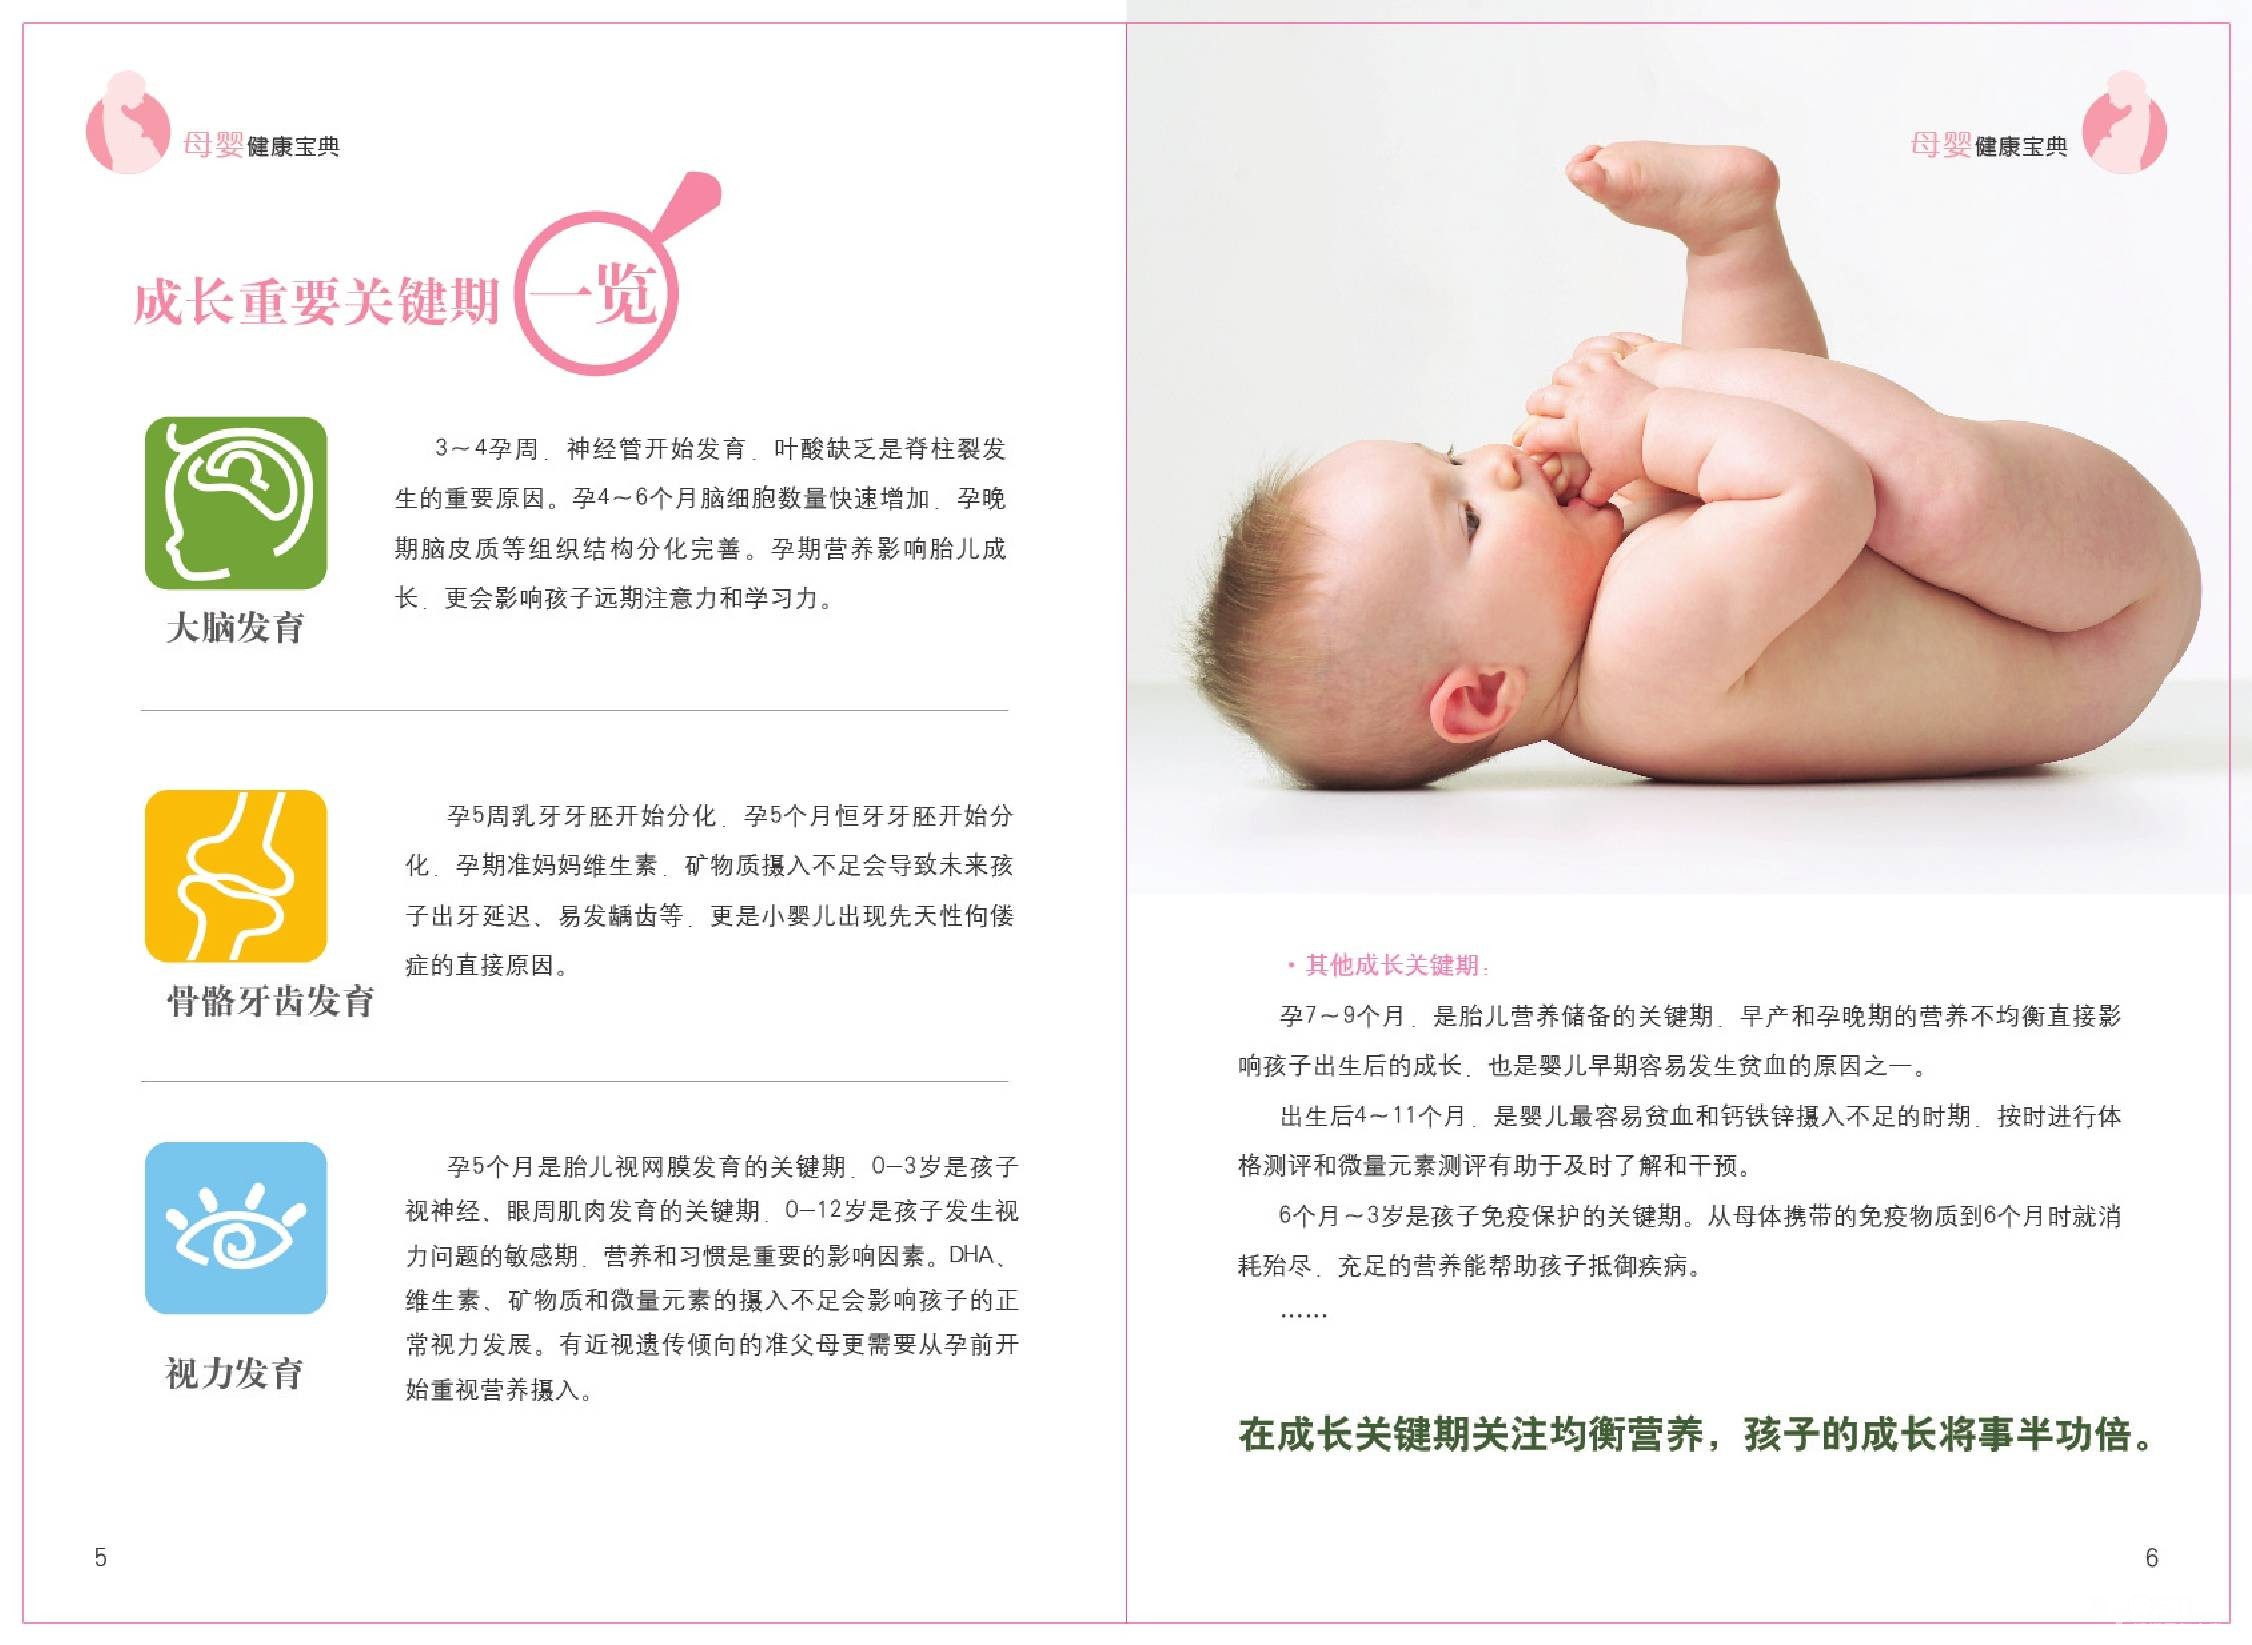 母婴健康_关爱母婴健康设计图__其他模板_web界面设计